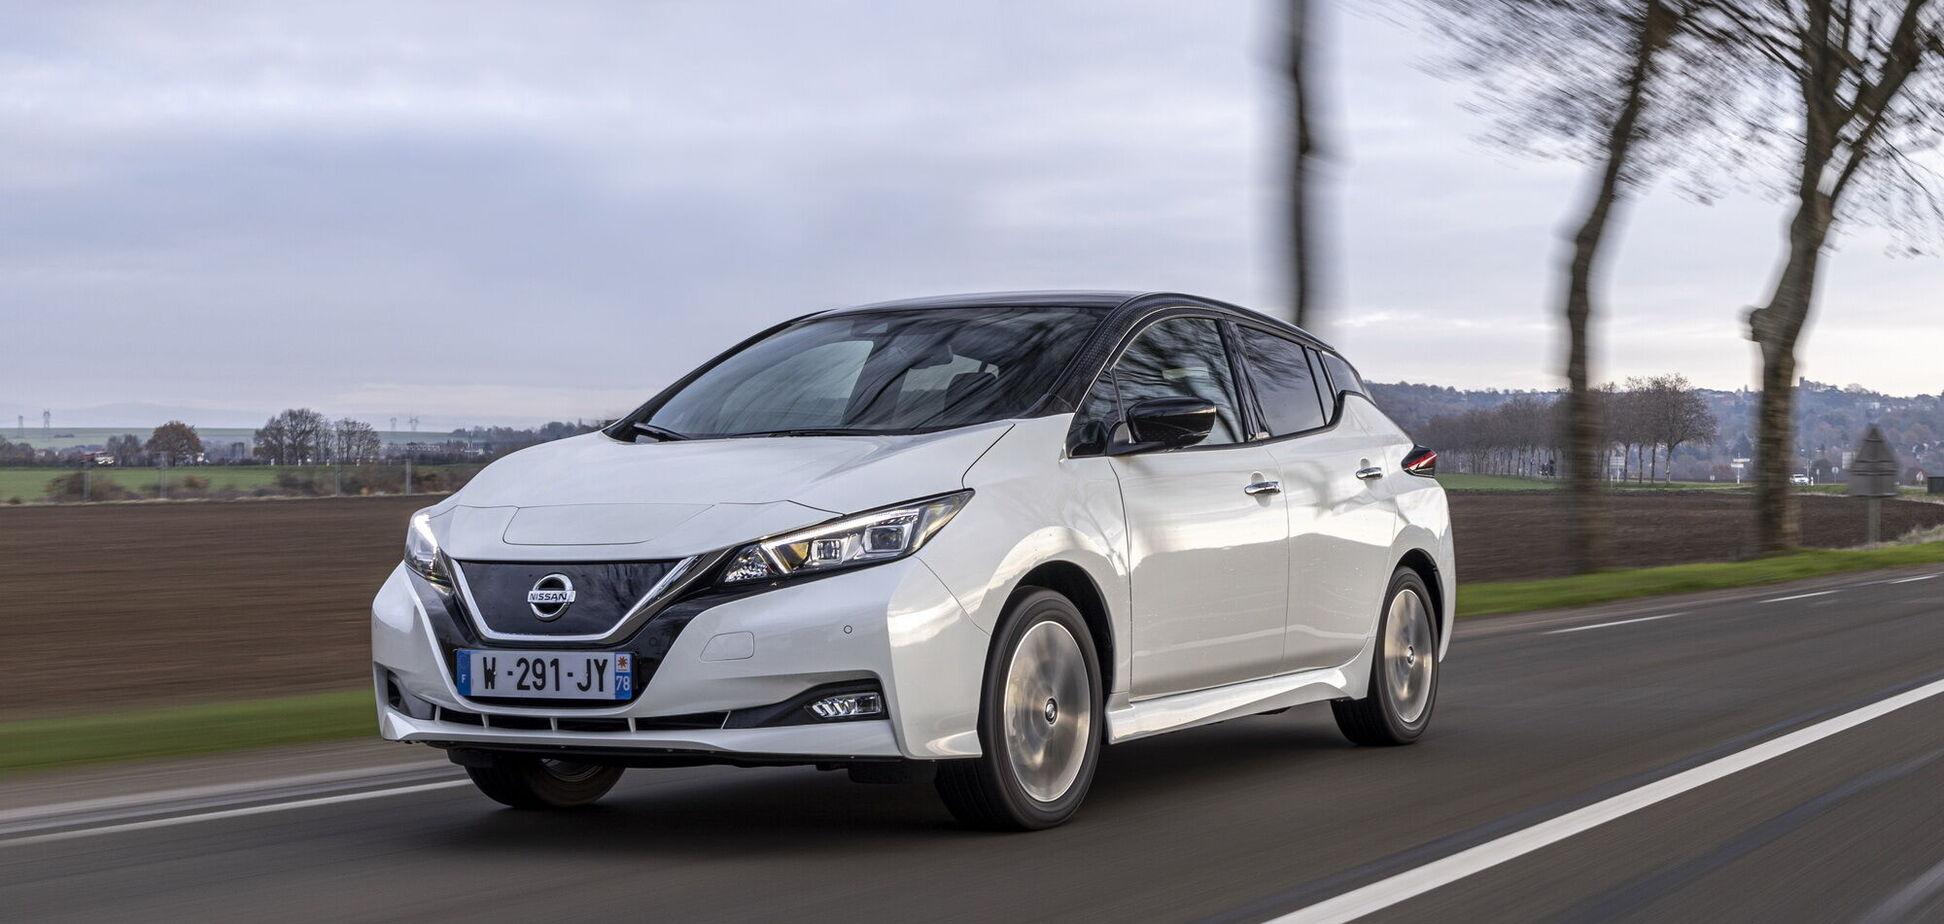 Nissan випустив ювілейну серію електромобілів Leaf